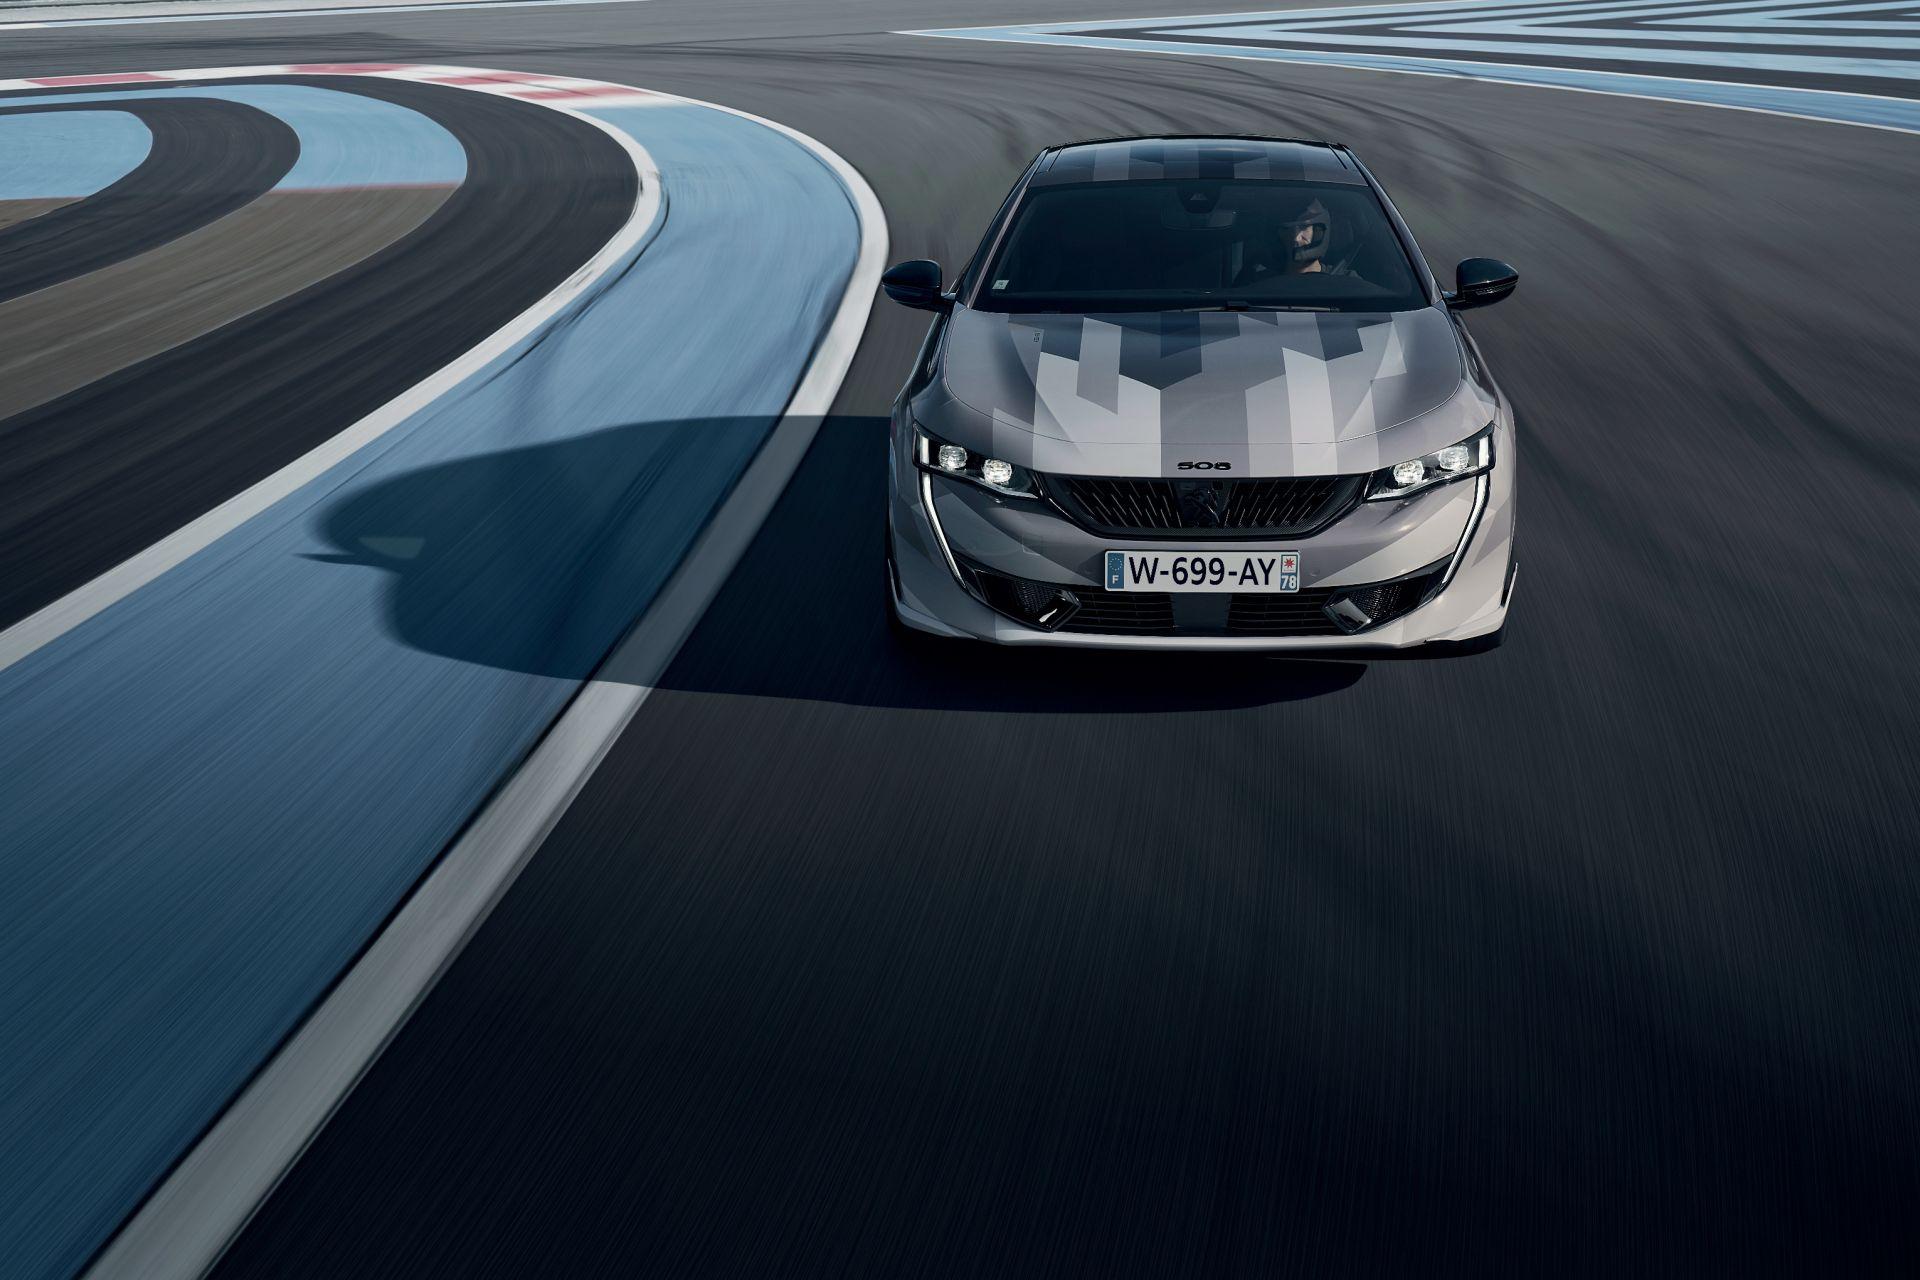 PEUGEOT 508 Peugeot Sport Engineered: Auf dem Weg in eine sportliche und nachhaltige Zukunft